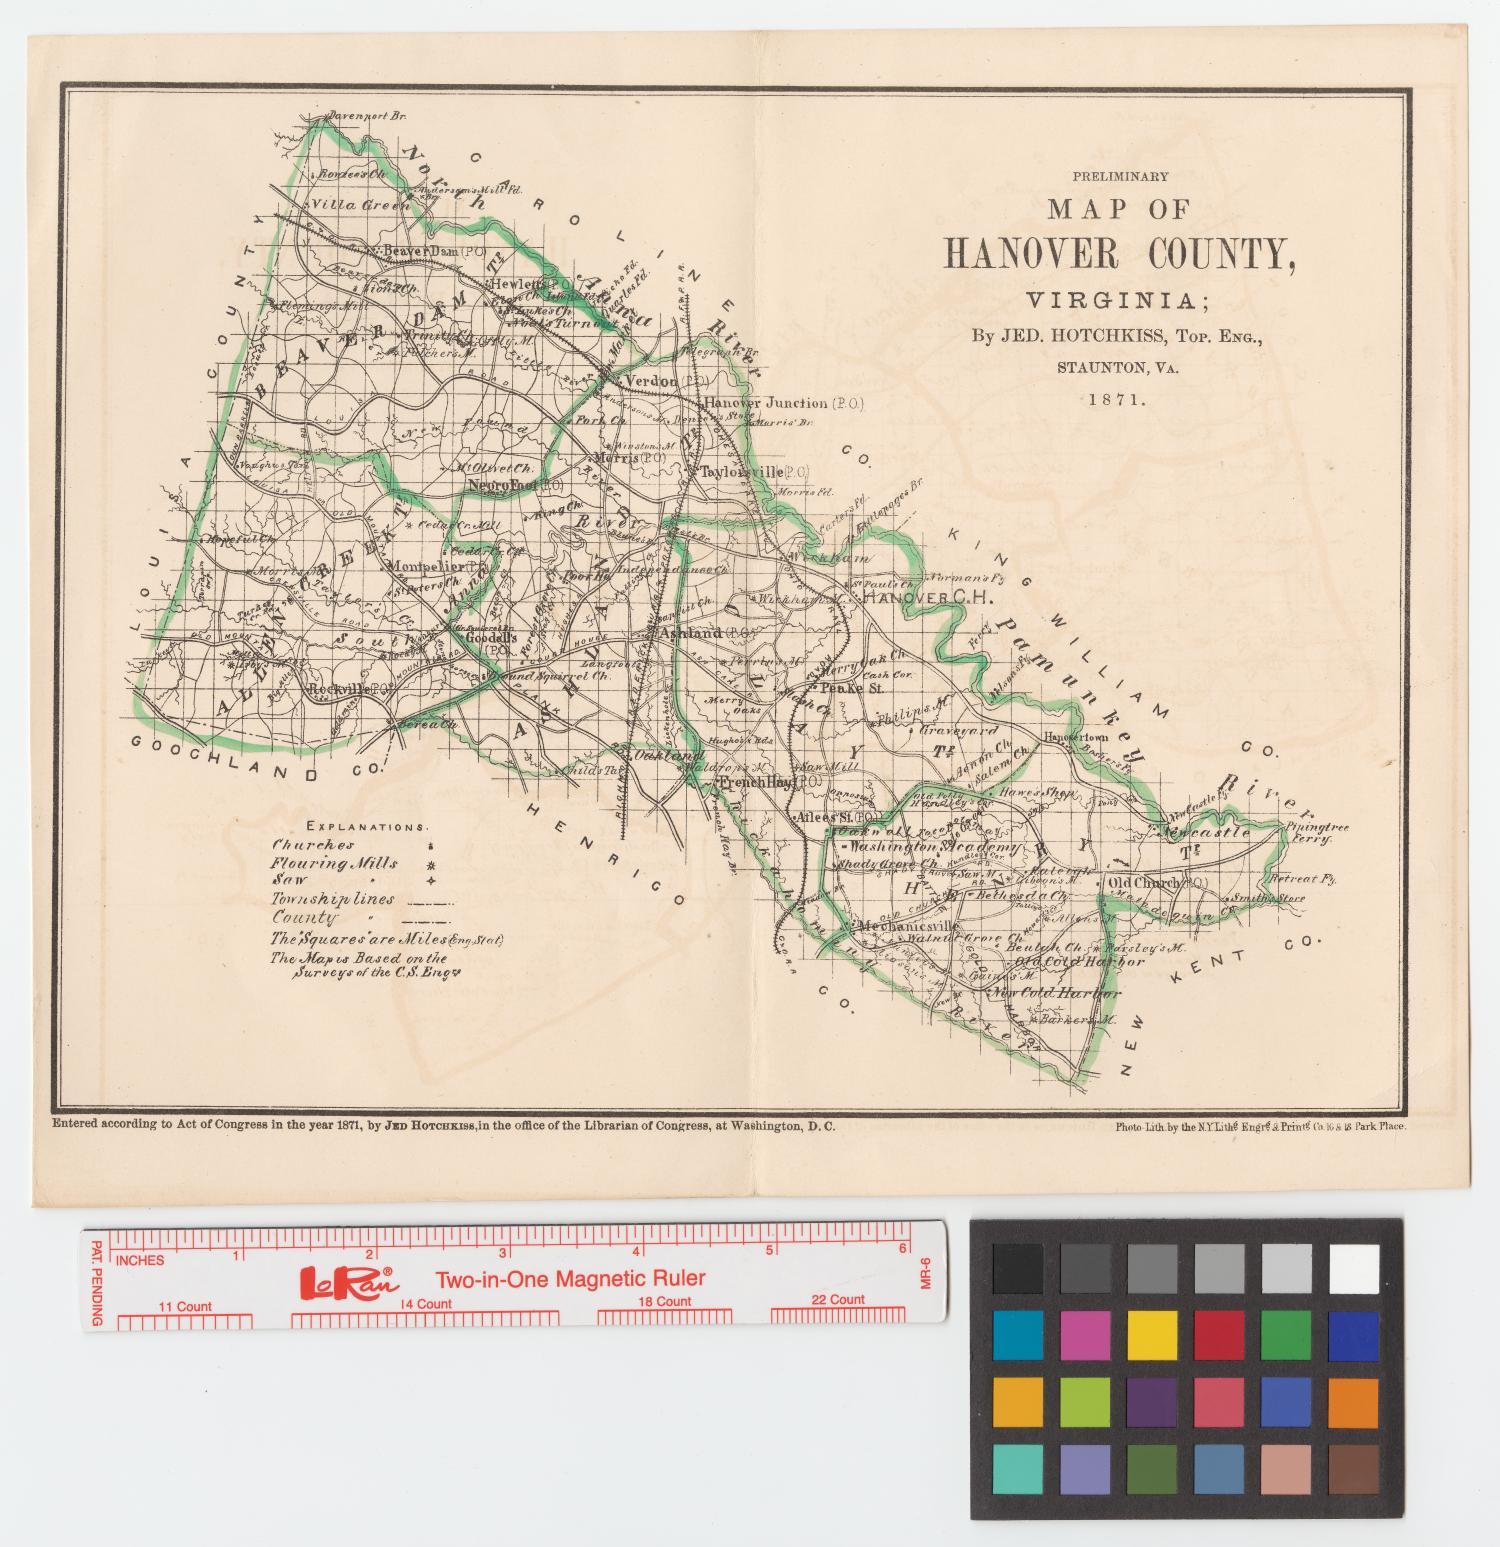 Preliminary Map Of Hanover County Virginia The Portal To Texas